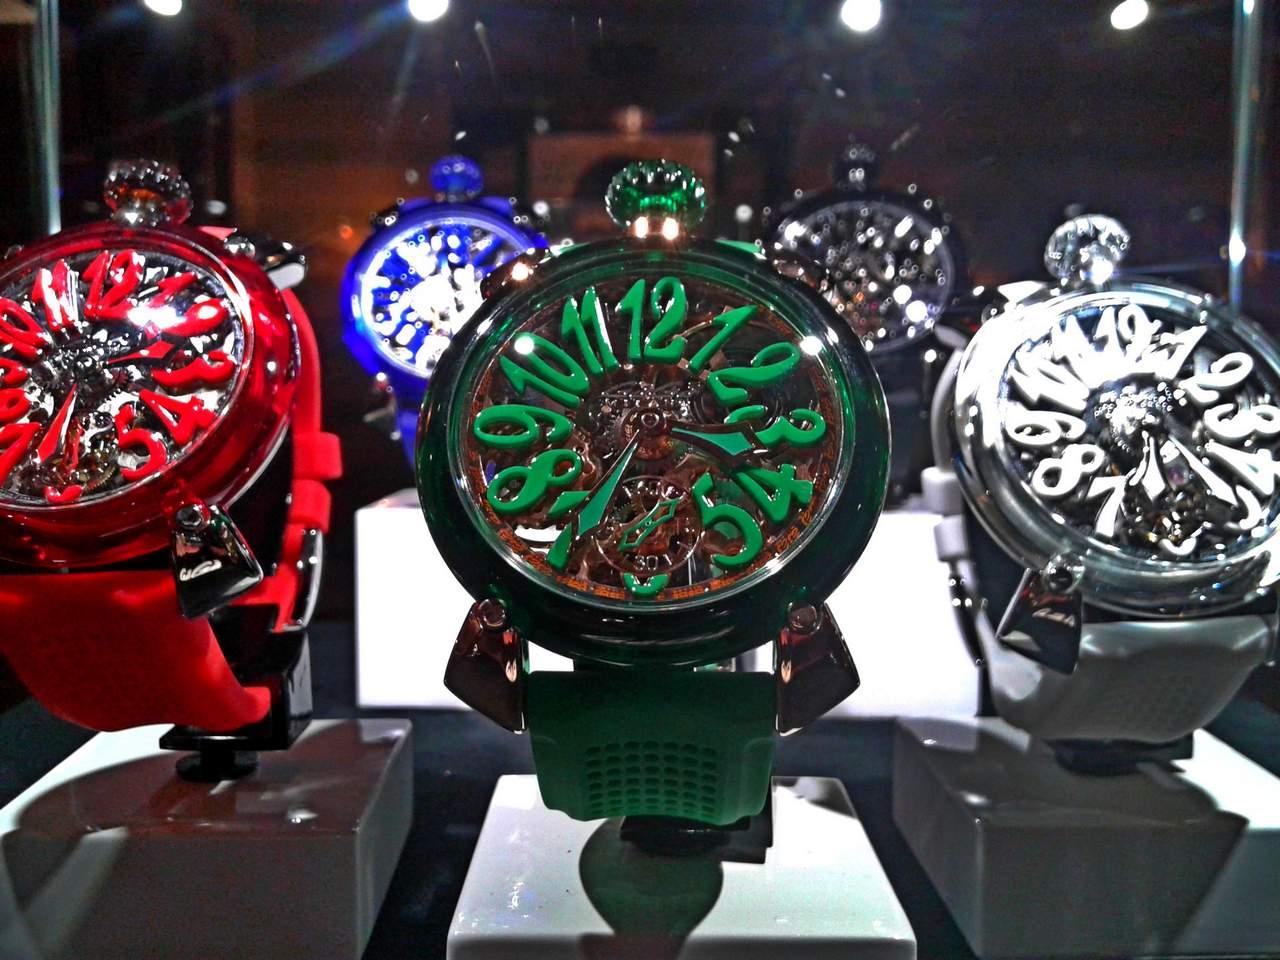 gaga-milano-watches-price-prezzo-fai-villa-necchi_0-100_4